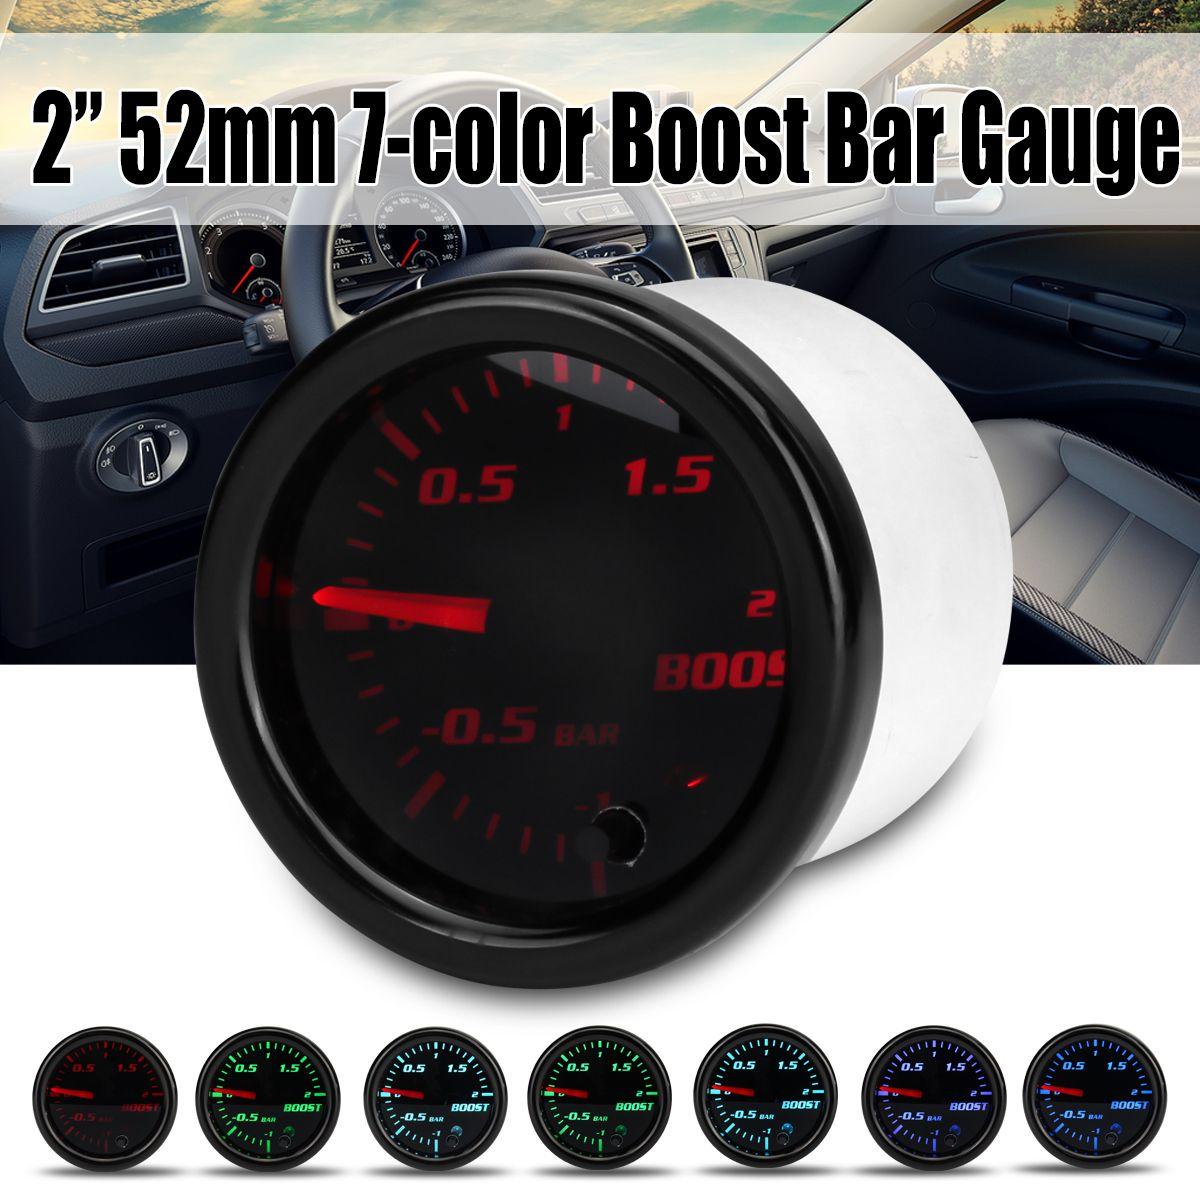 2 zoll 52mm Turbo Mechanische Boost Gauge Vakuum Press Meter-1 ~ 2 Bar 7 Farbe LED Schwarz len 12 v